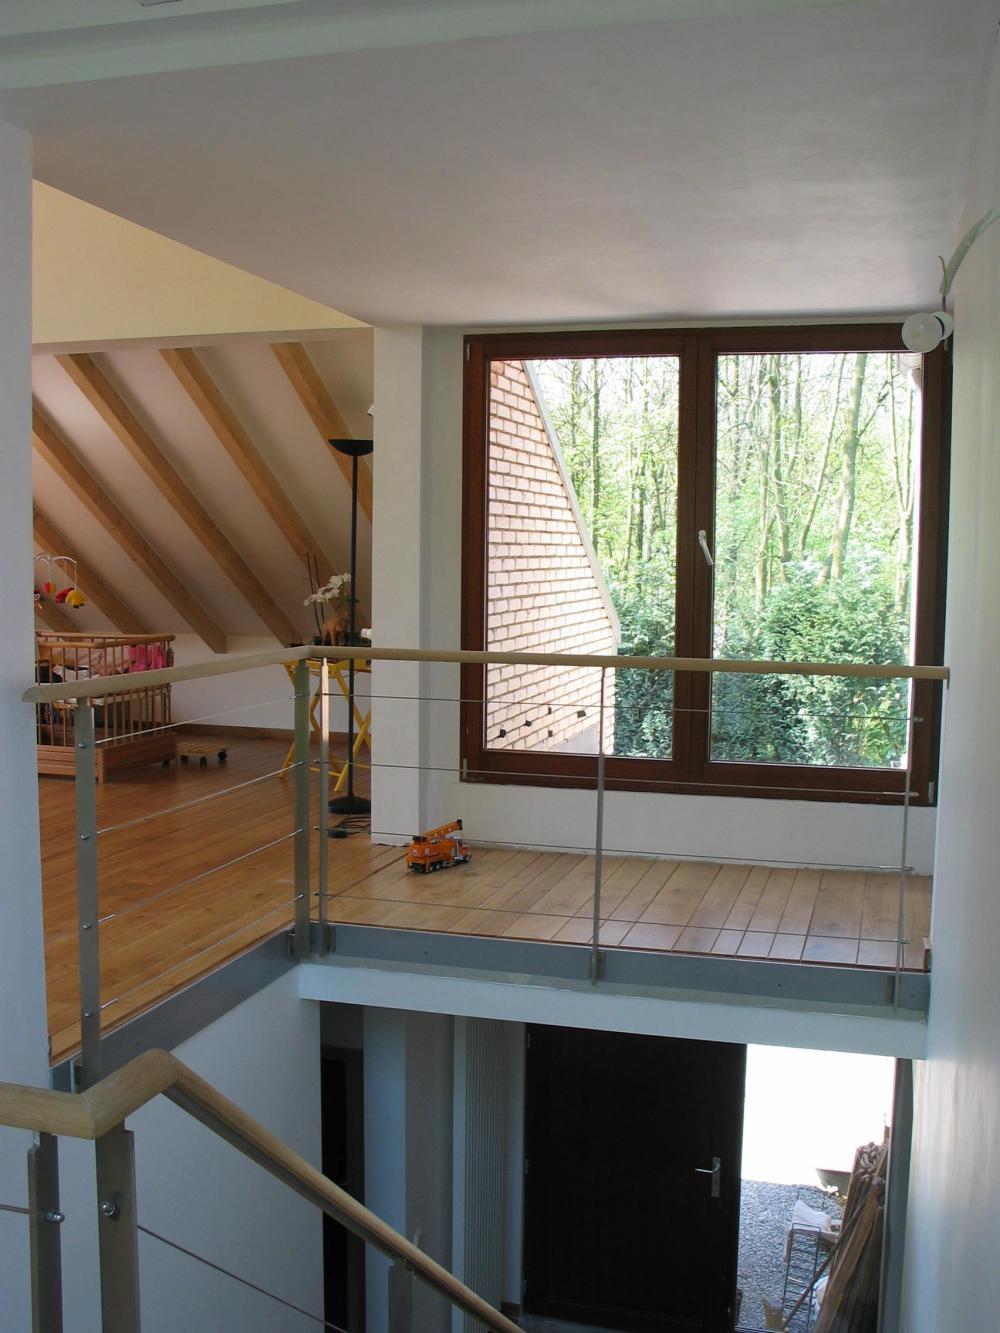 photographie intérieure du séjour de la maison des Fougères